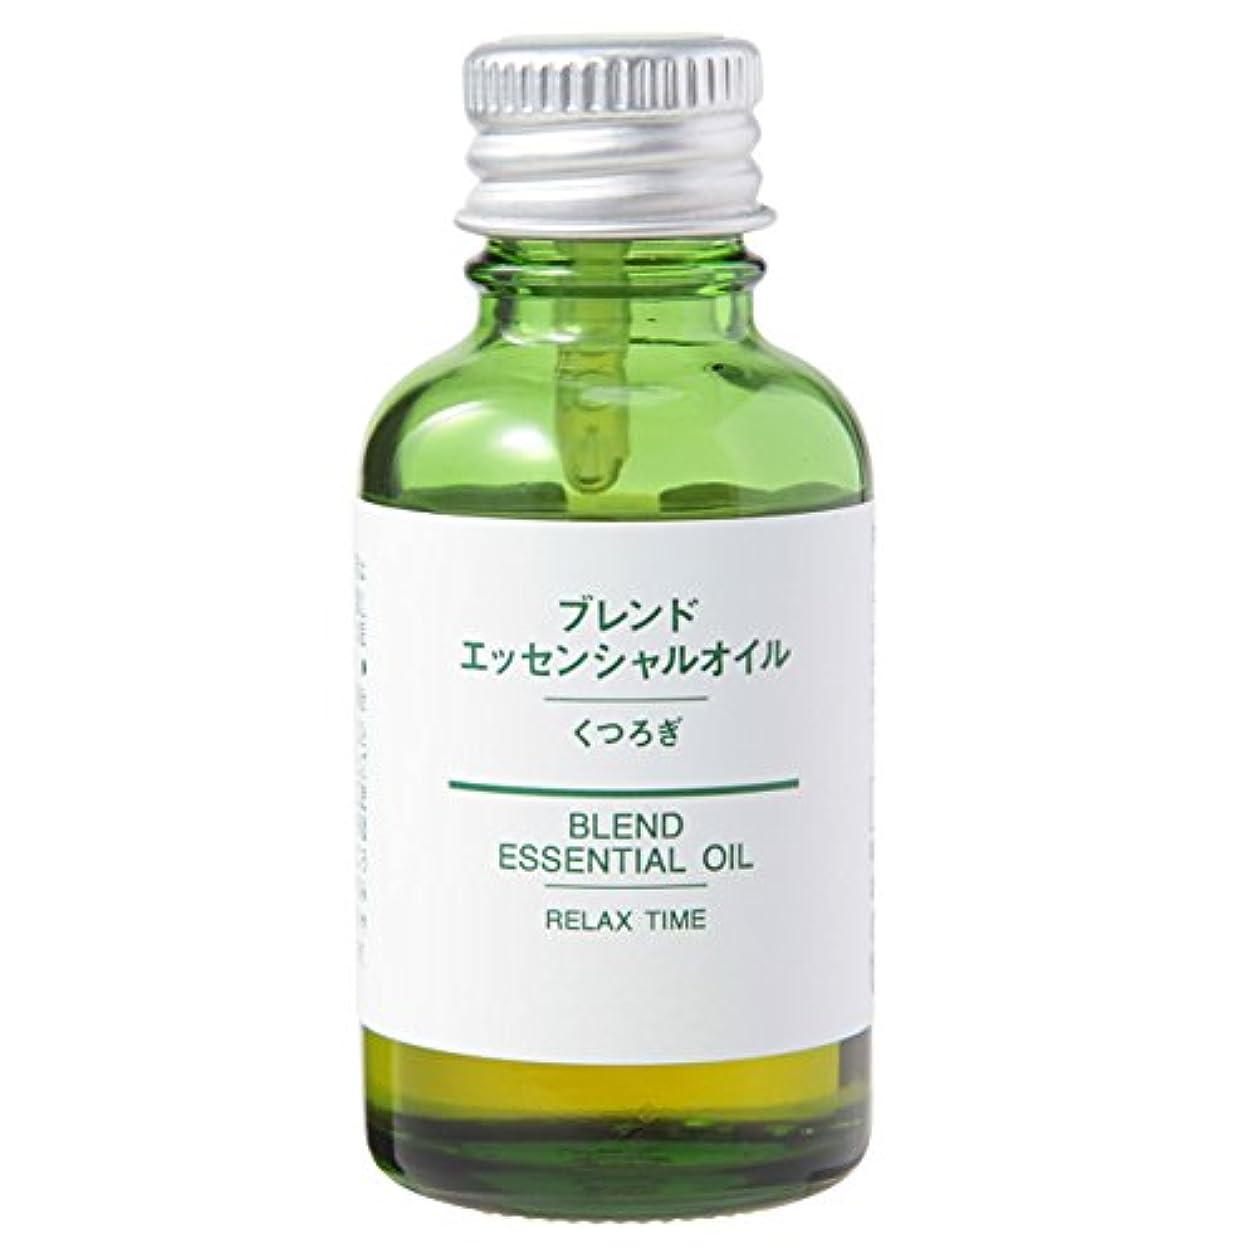 美容師フェミニン検証【無印良品】エッセンシャルオイル 30ml (くつろぎ)